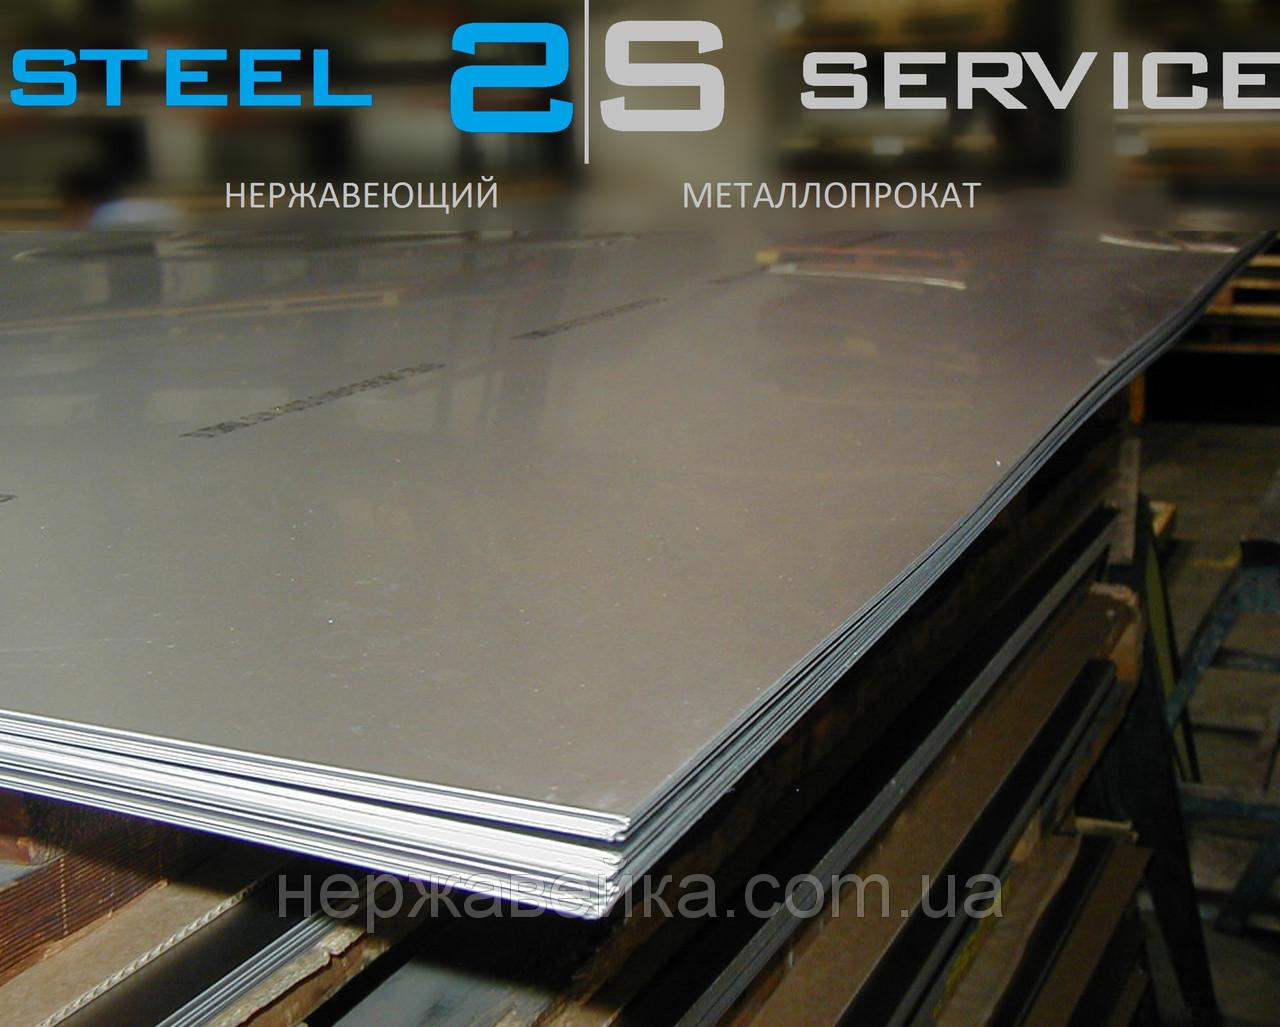 Нержавейка лист 70х1500х6000мм  AISI 321(08Х18Н10Т) F1 - горячекатанный, пищевой